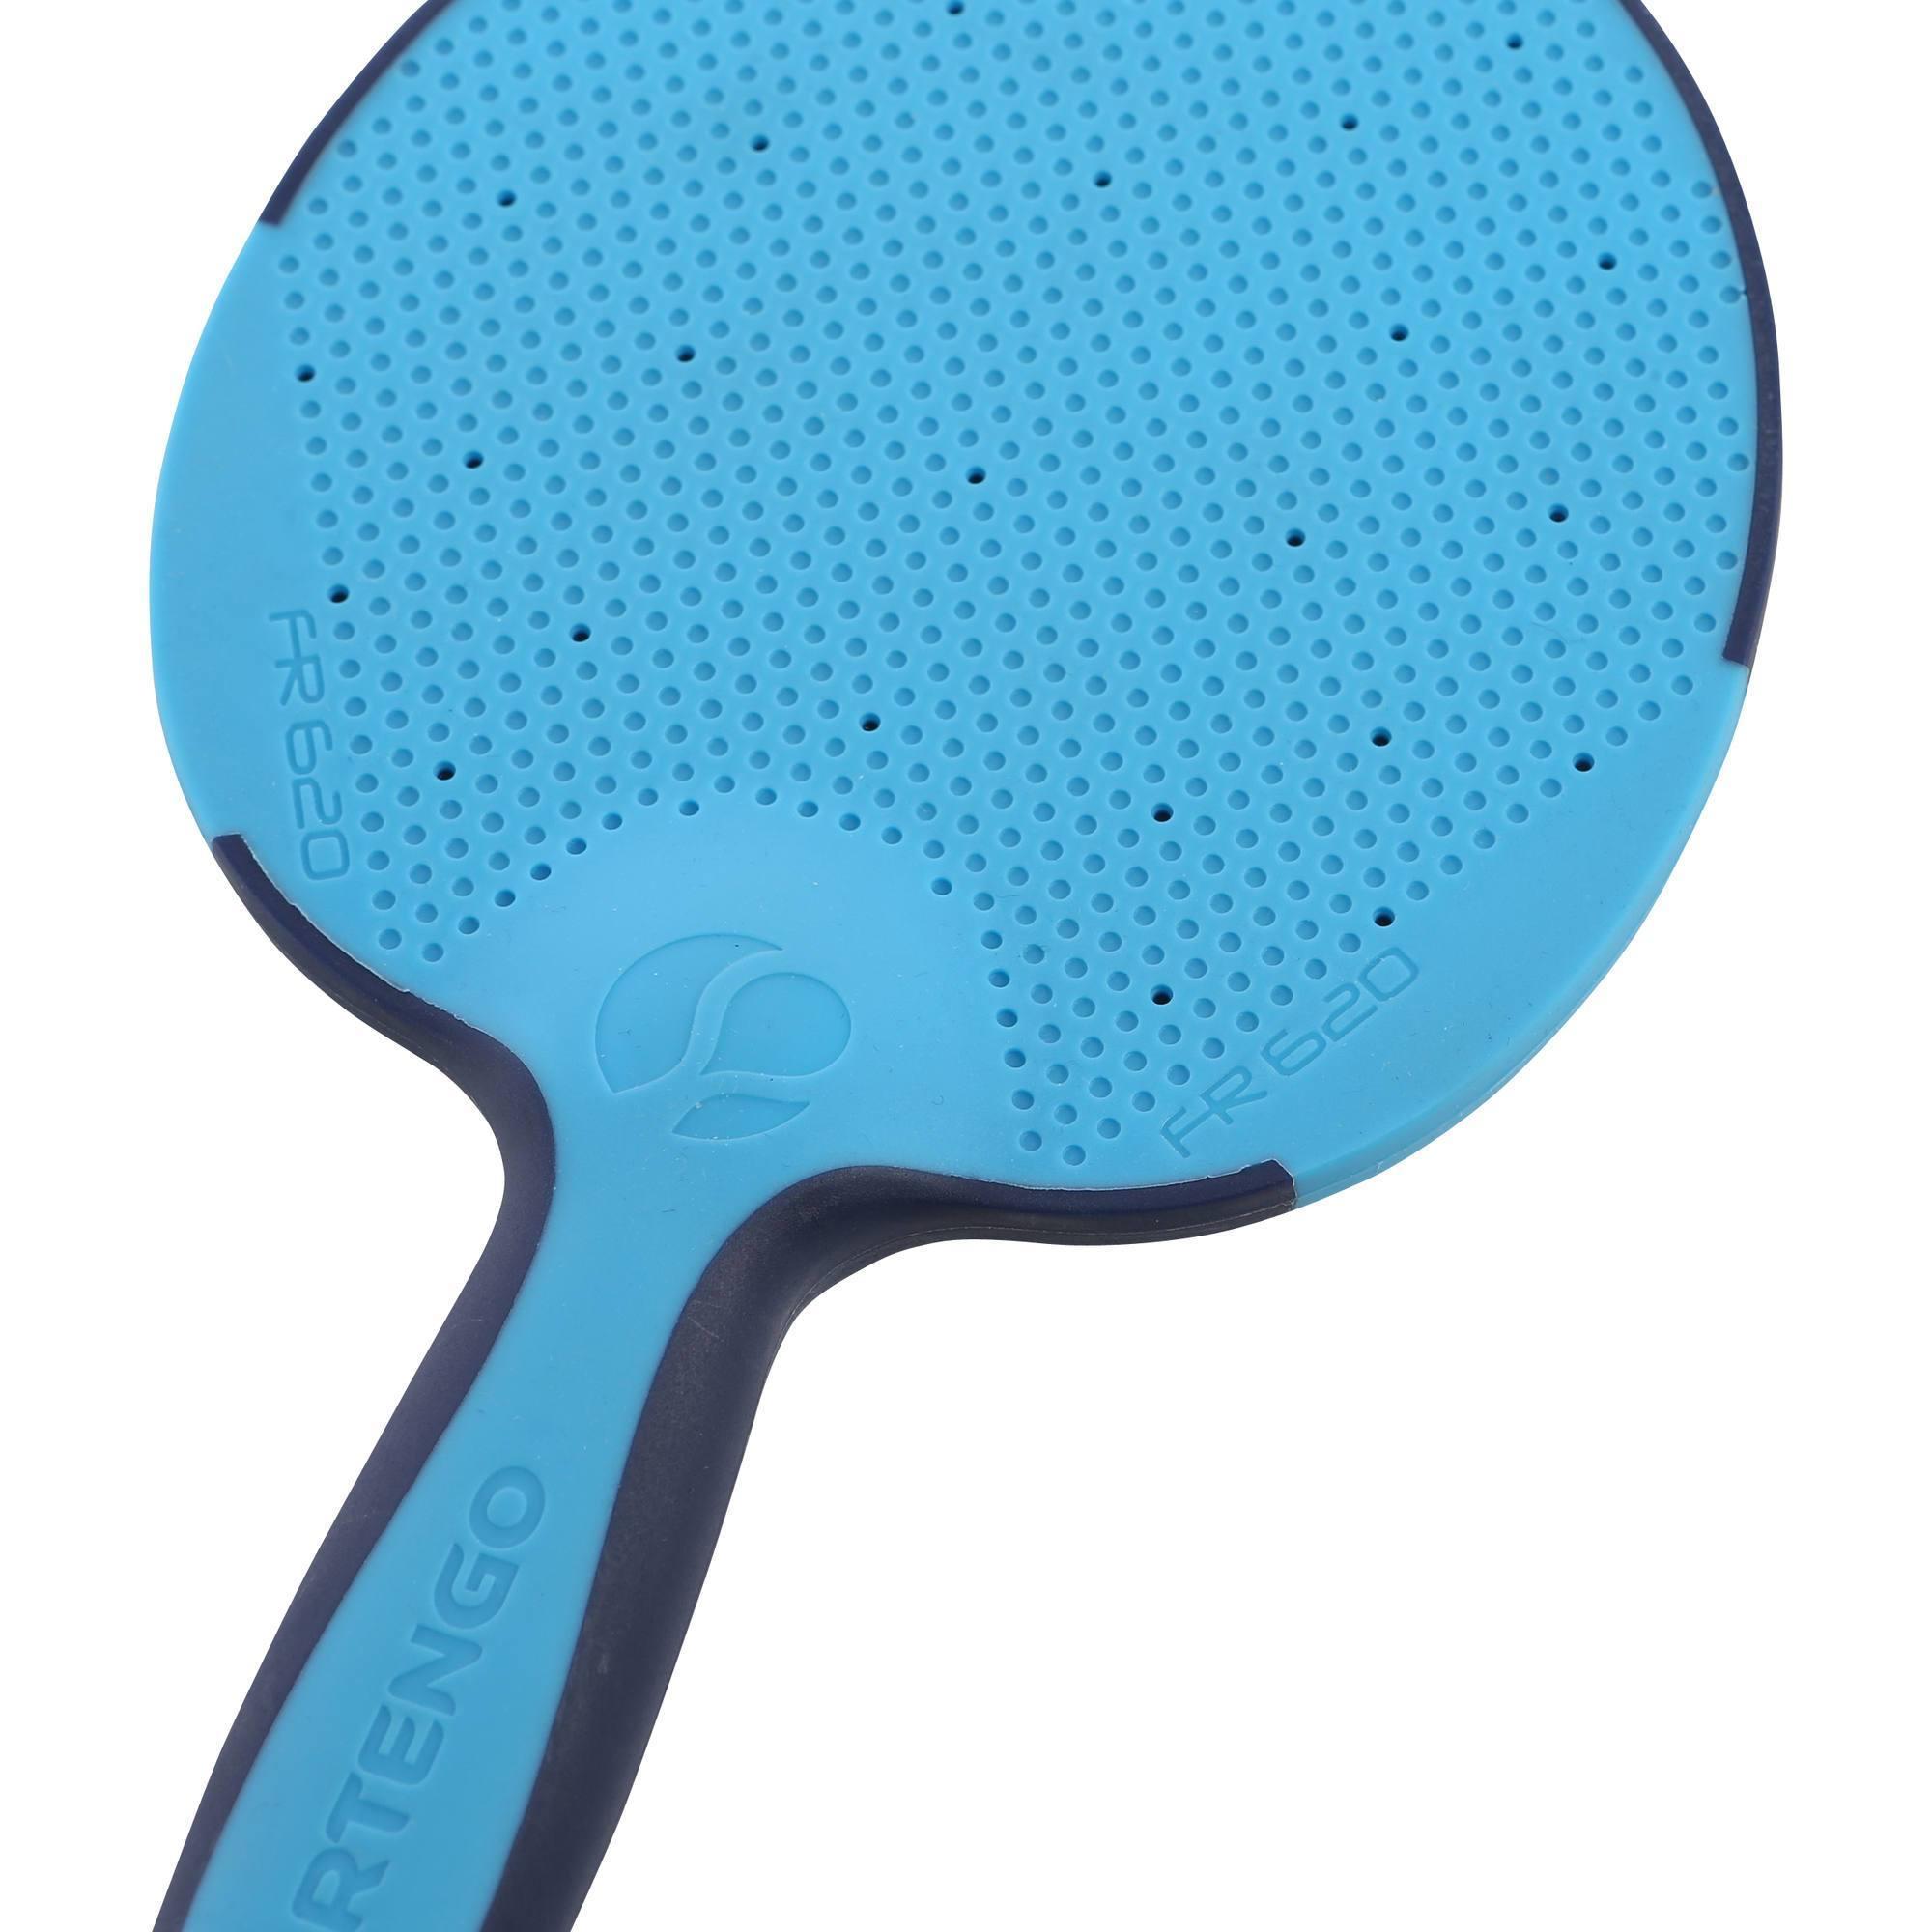 Raquette tennis de table outdoor fr 620 clubs - Raquette de tennis de table decathlon ...